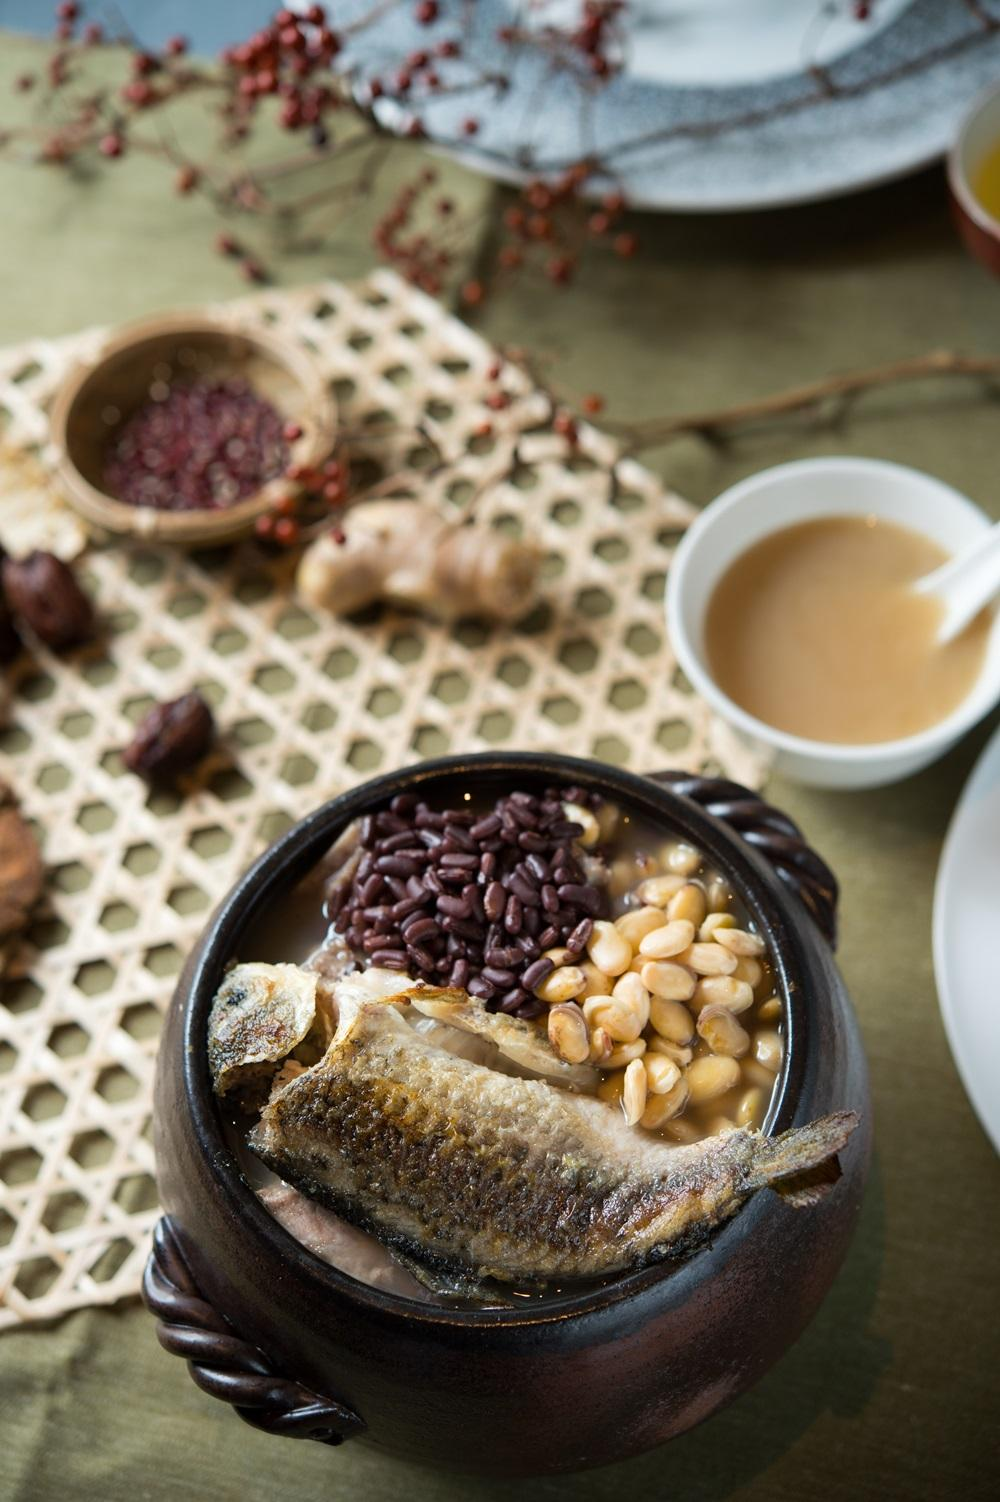 赤小豆扁豆煲鯽魚」做工繁複,魚需先煎炸後定型,烹煮之後魚嫩湯鮮。(春季廣式老火例湯,480元/份)